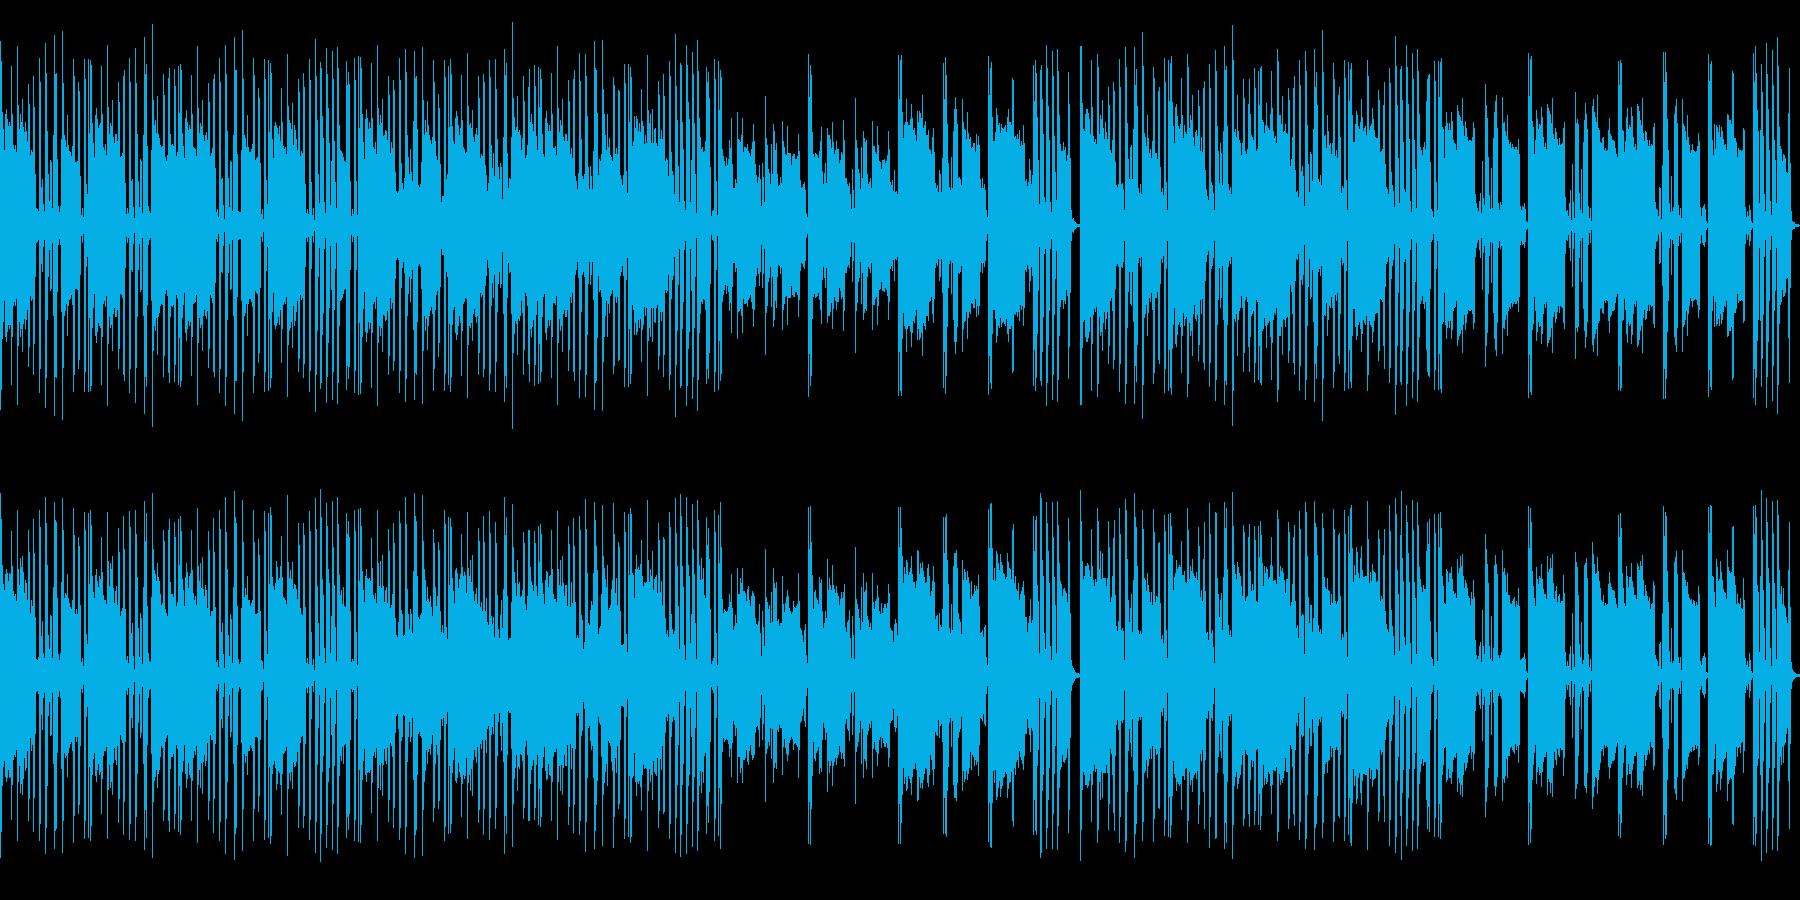 渋い大人の雰囲気のヒップホップループの再生済みの波形